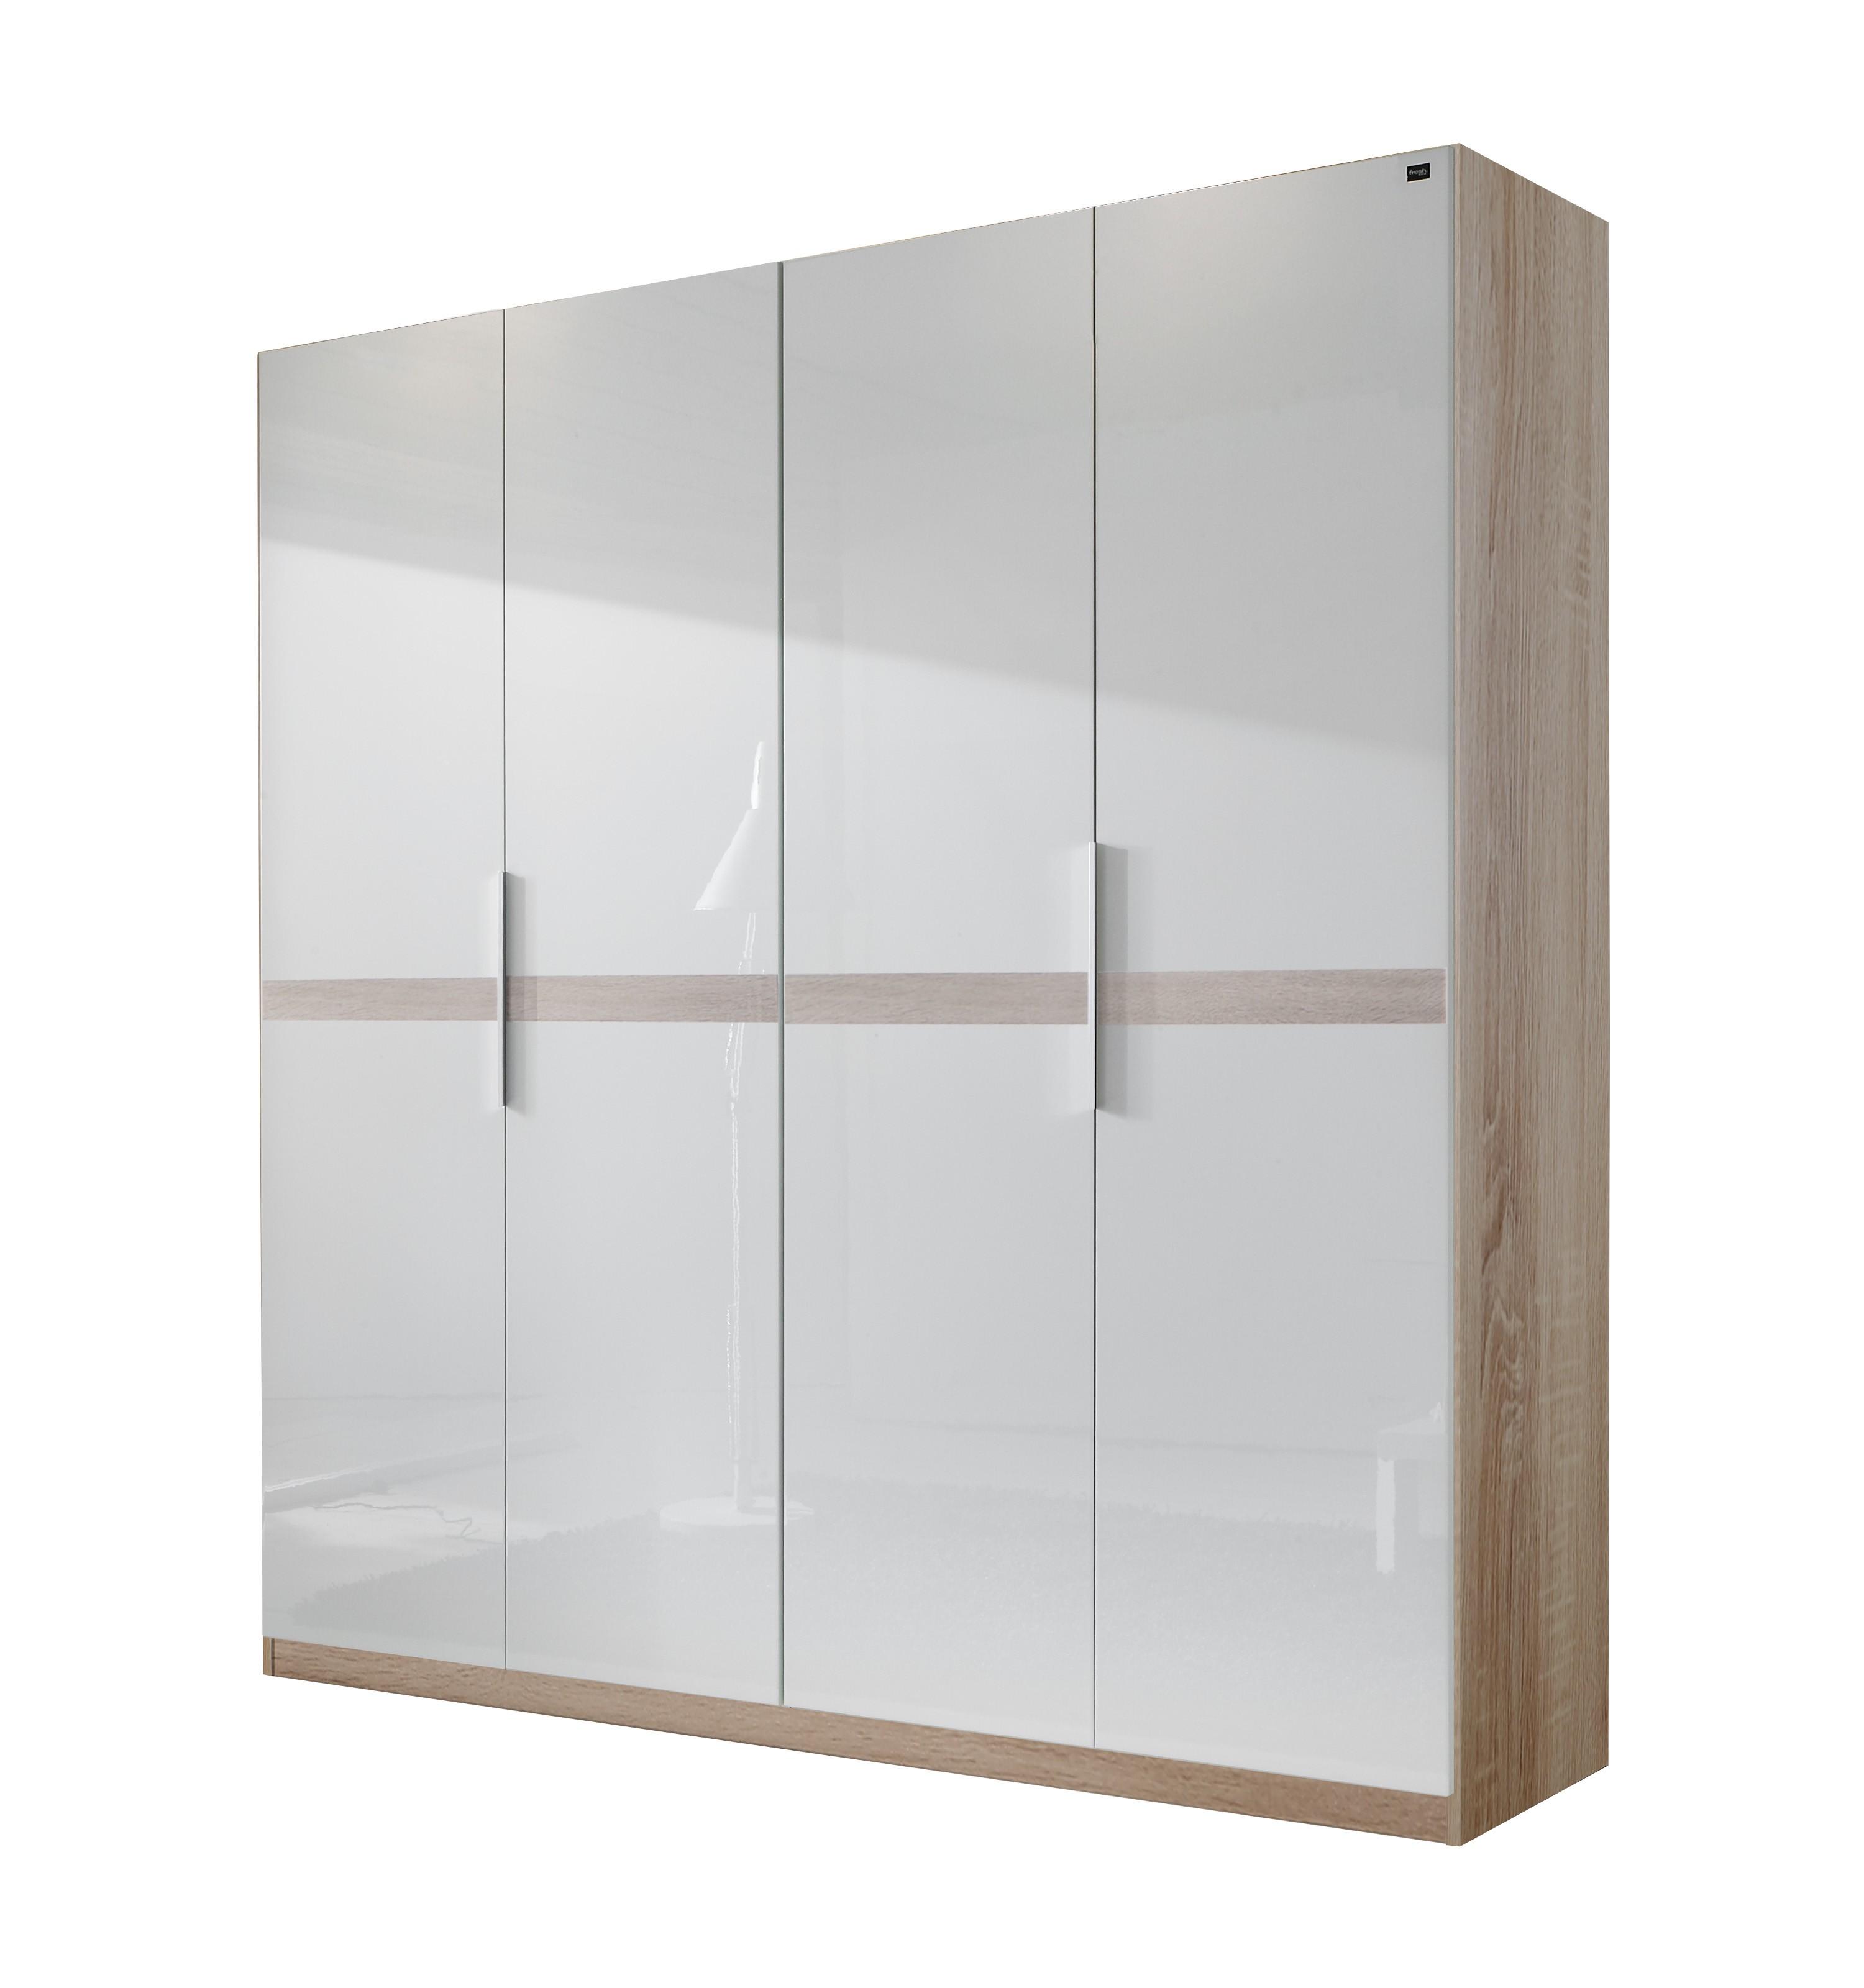 Drehtürenschrank Add on B – Perlglanz Softwhite/Eiche Sägerau Dekor – Schrankbreite: 200 cm – 4-türig, fresh to go kaufen